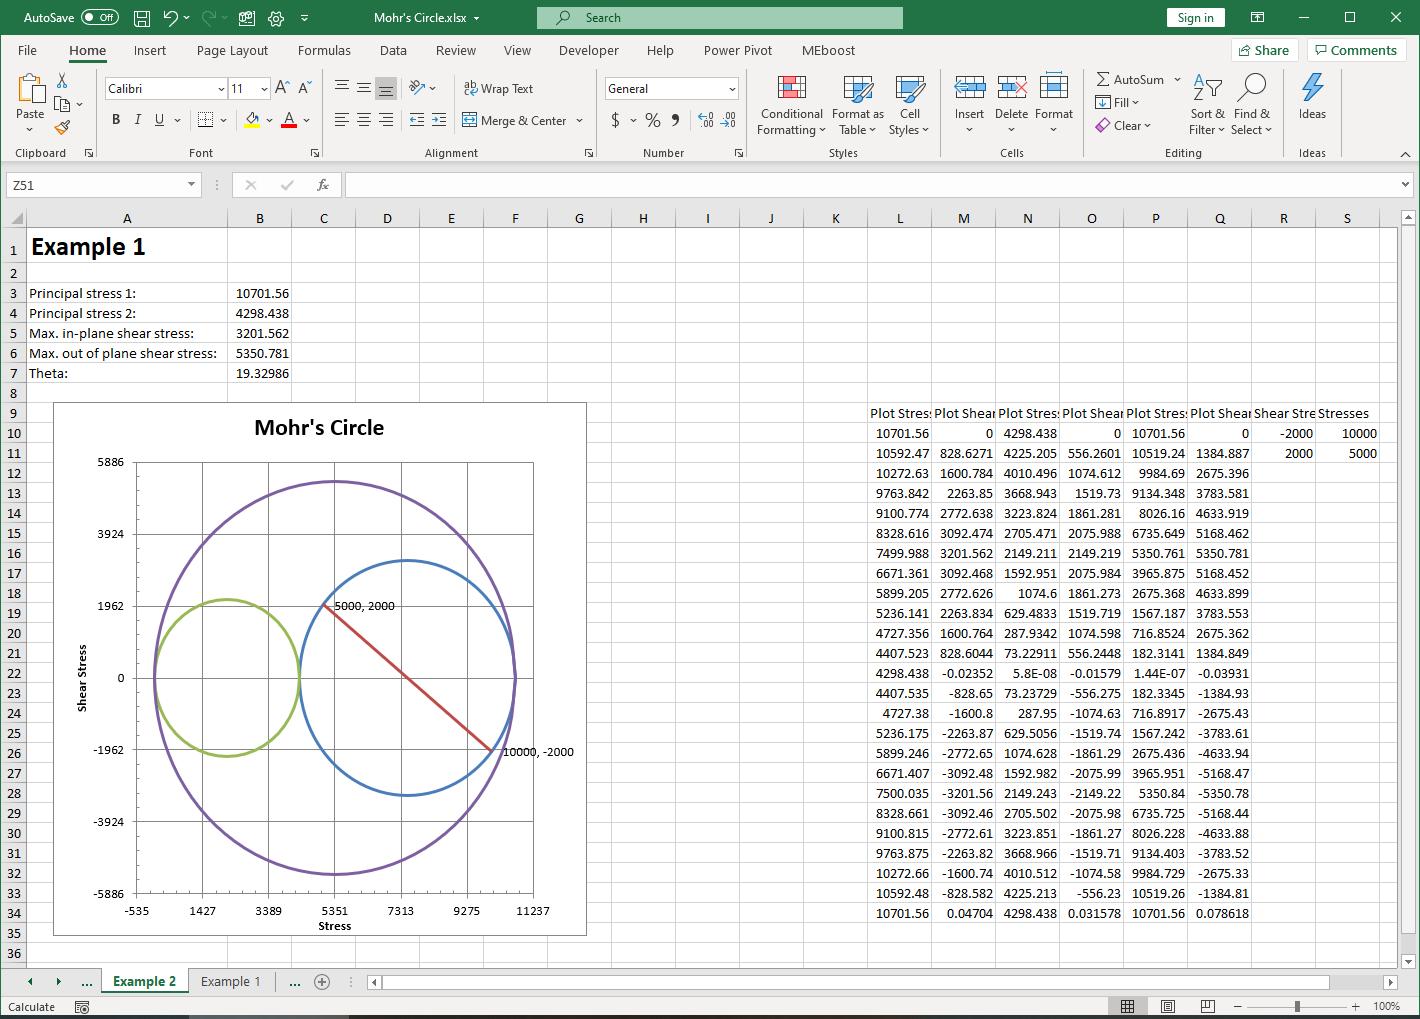 Mohr's circle report